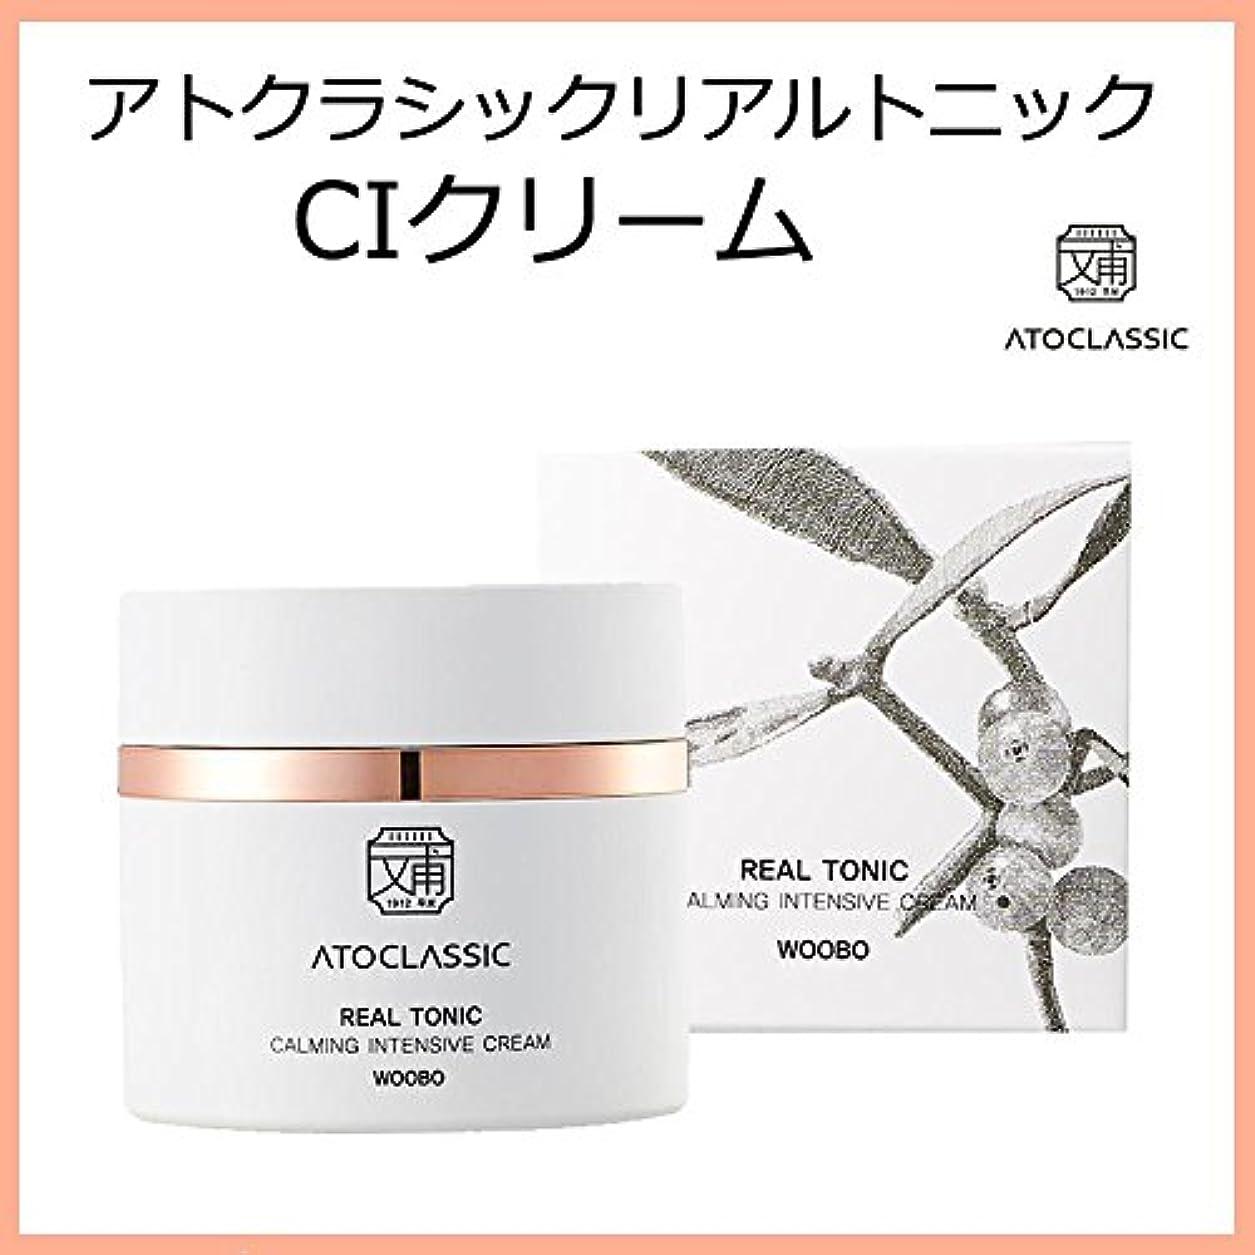 切り刻むディーラーに向かって韓国コスメ ATOCLASSIC アトクラシックリアルトニック CIクリーム(Calming Intensive Cream) 50ml